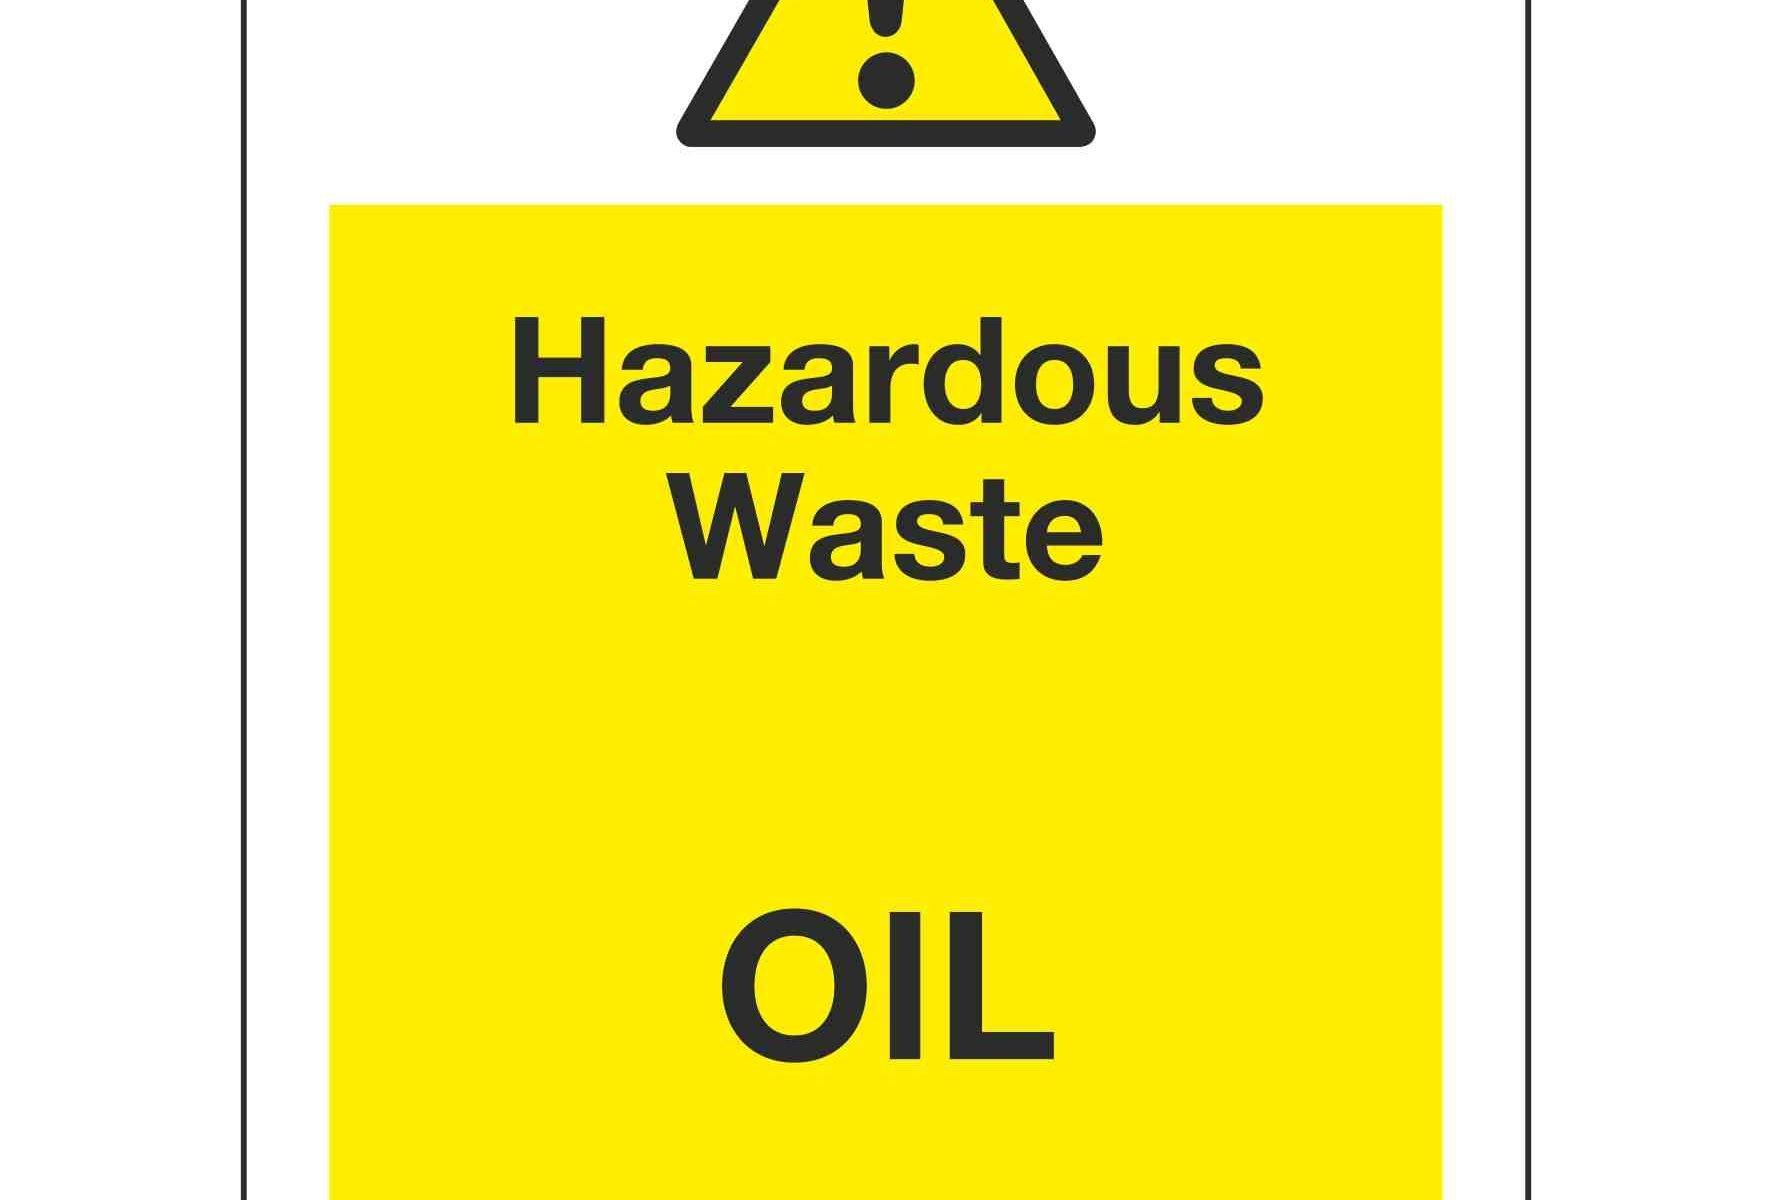 Hazardous Waste OIL